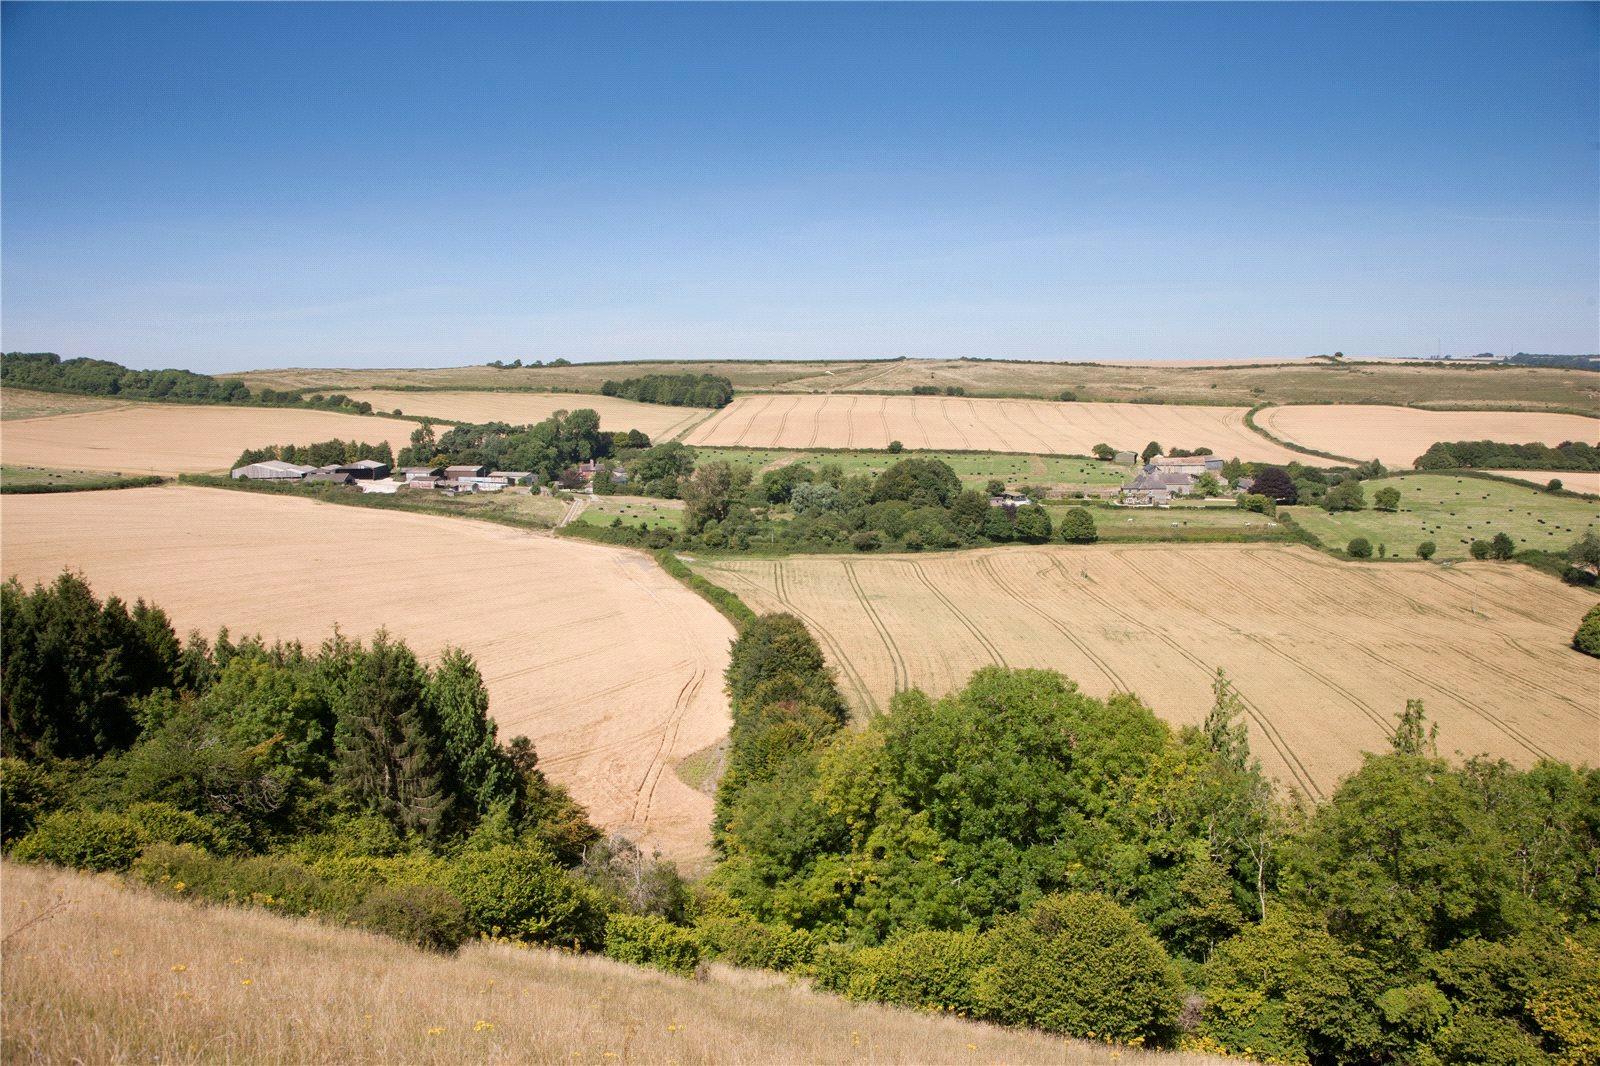 Nông trại / Trang trại / Vườn vì Bán tại Melcombe Farm, Melcombe Bingham, Dorchester, Dorset, DT2 Dorchester, Anh Quốc